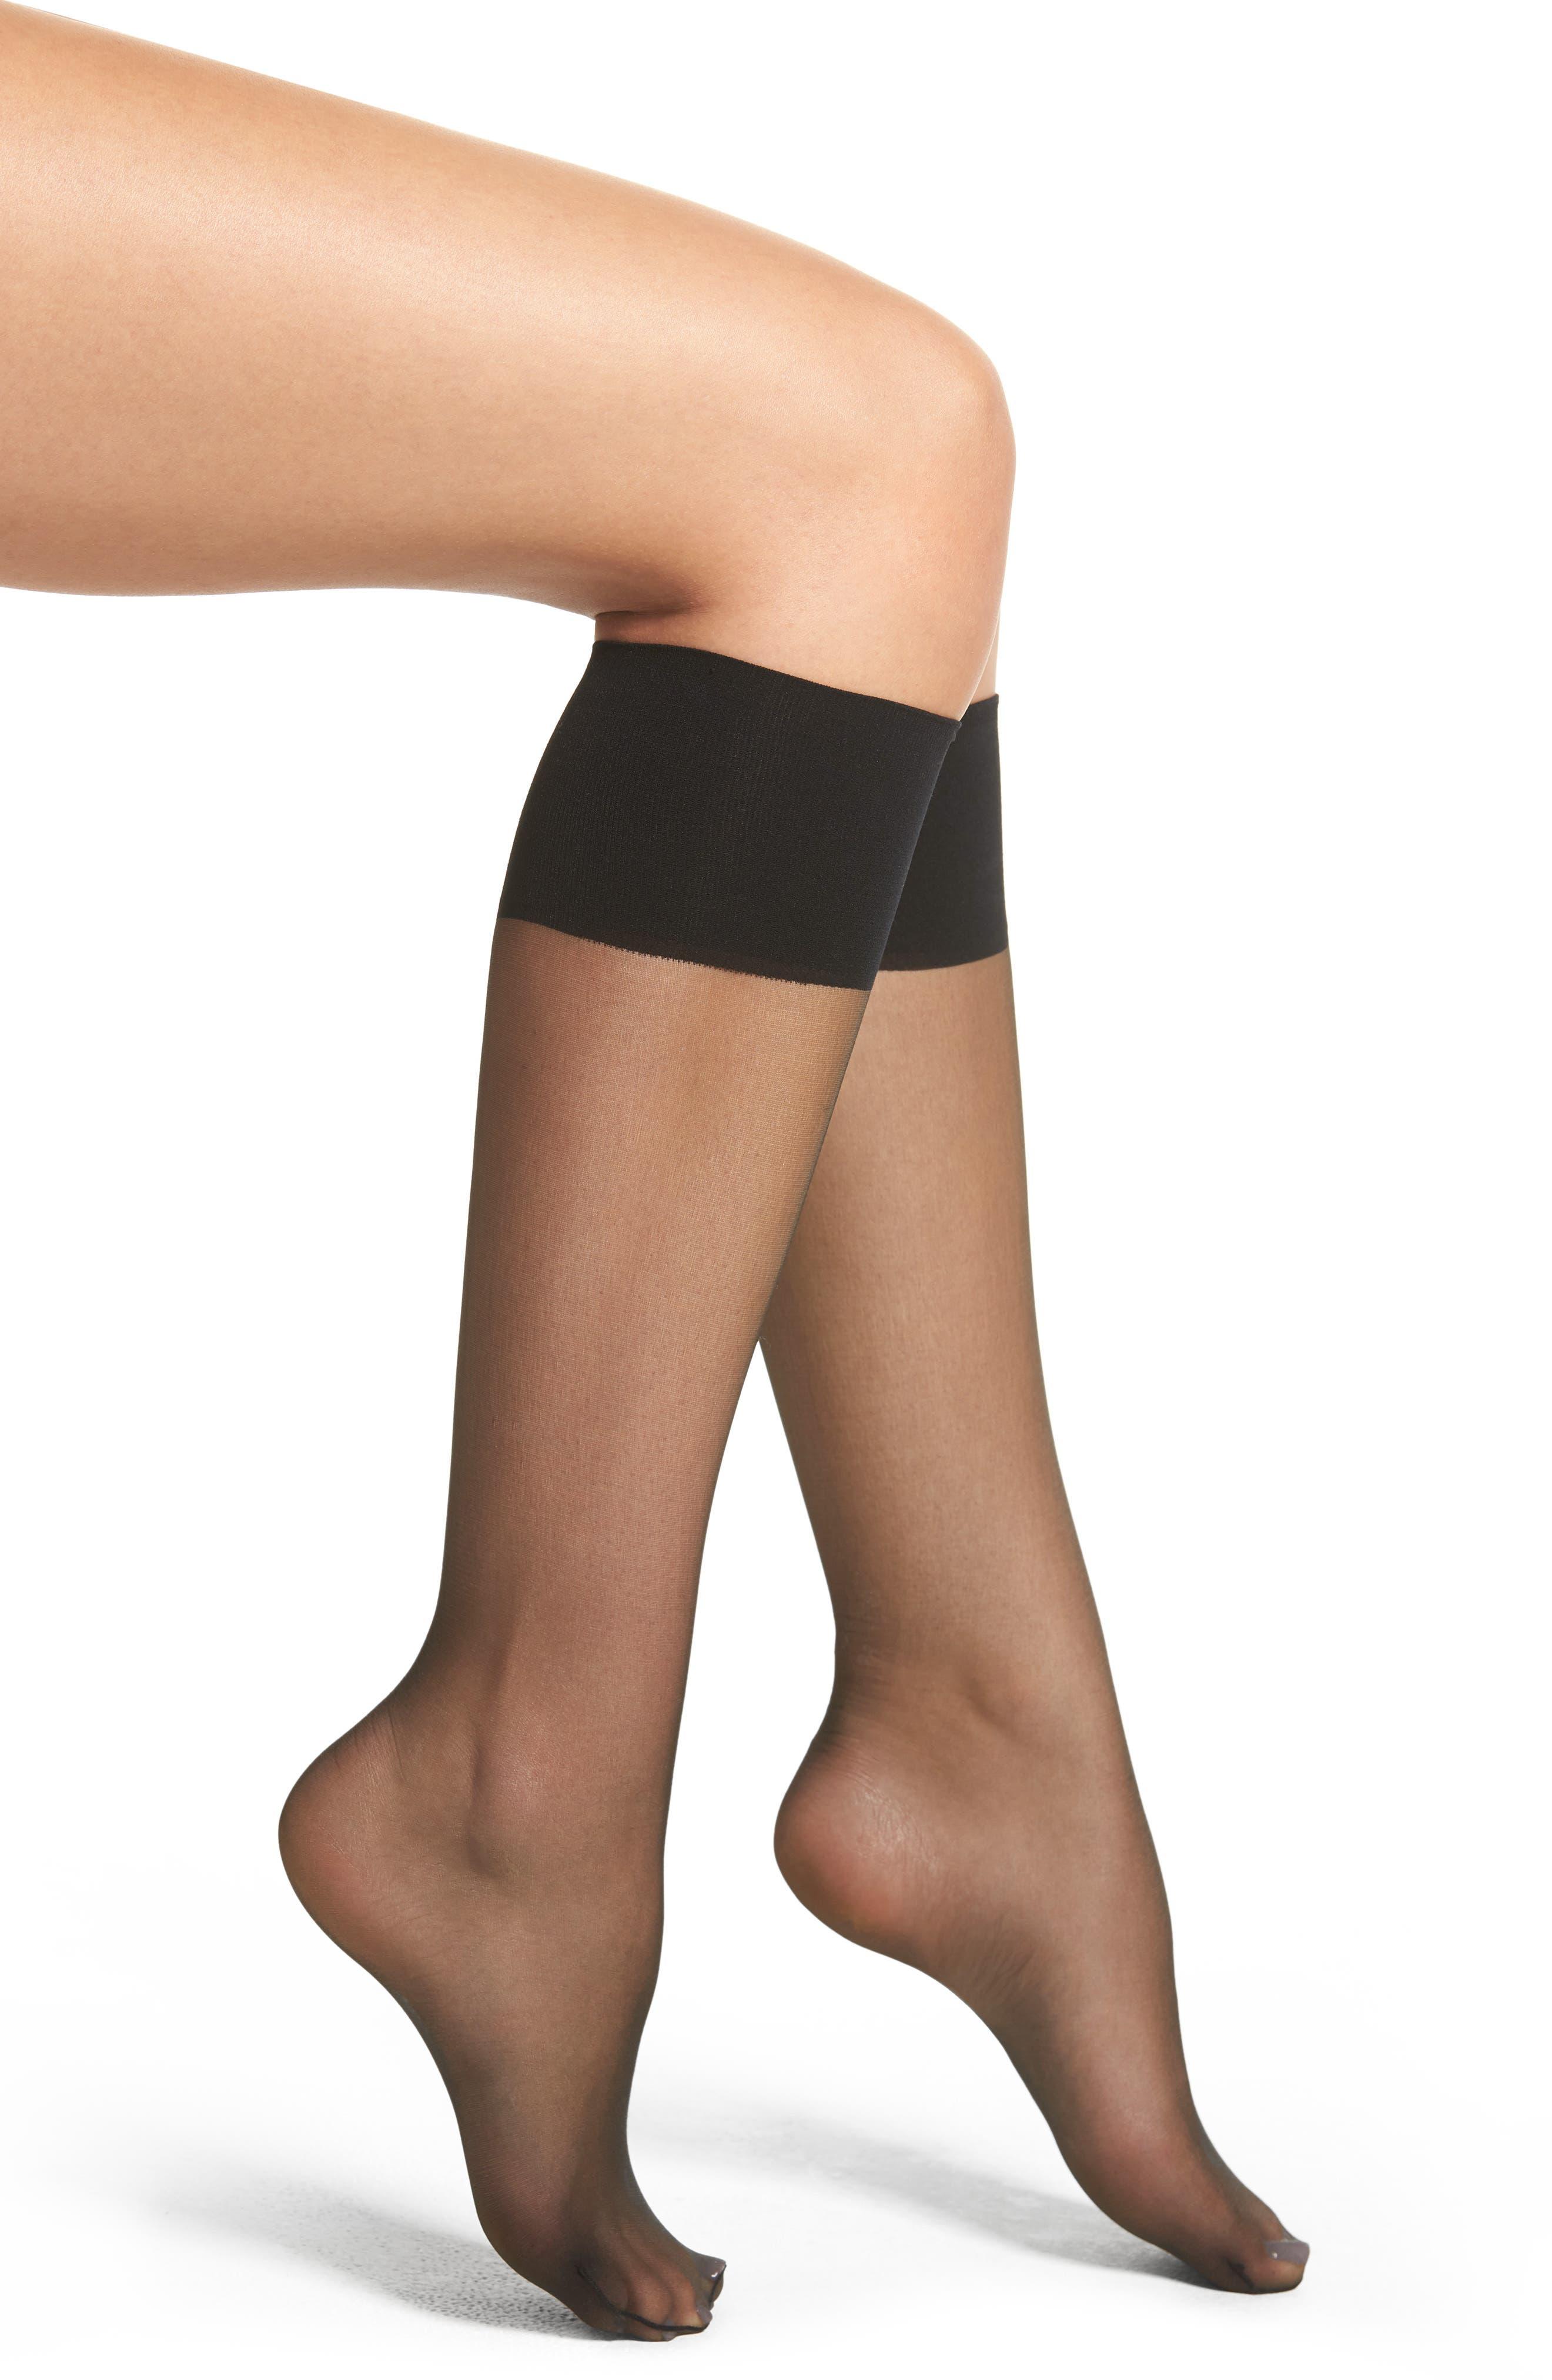 NORDSTROM 2-Pack Naked Sheer Knee Highs, Main, color, BLACK